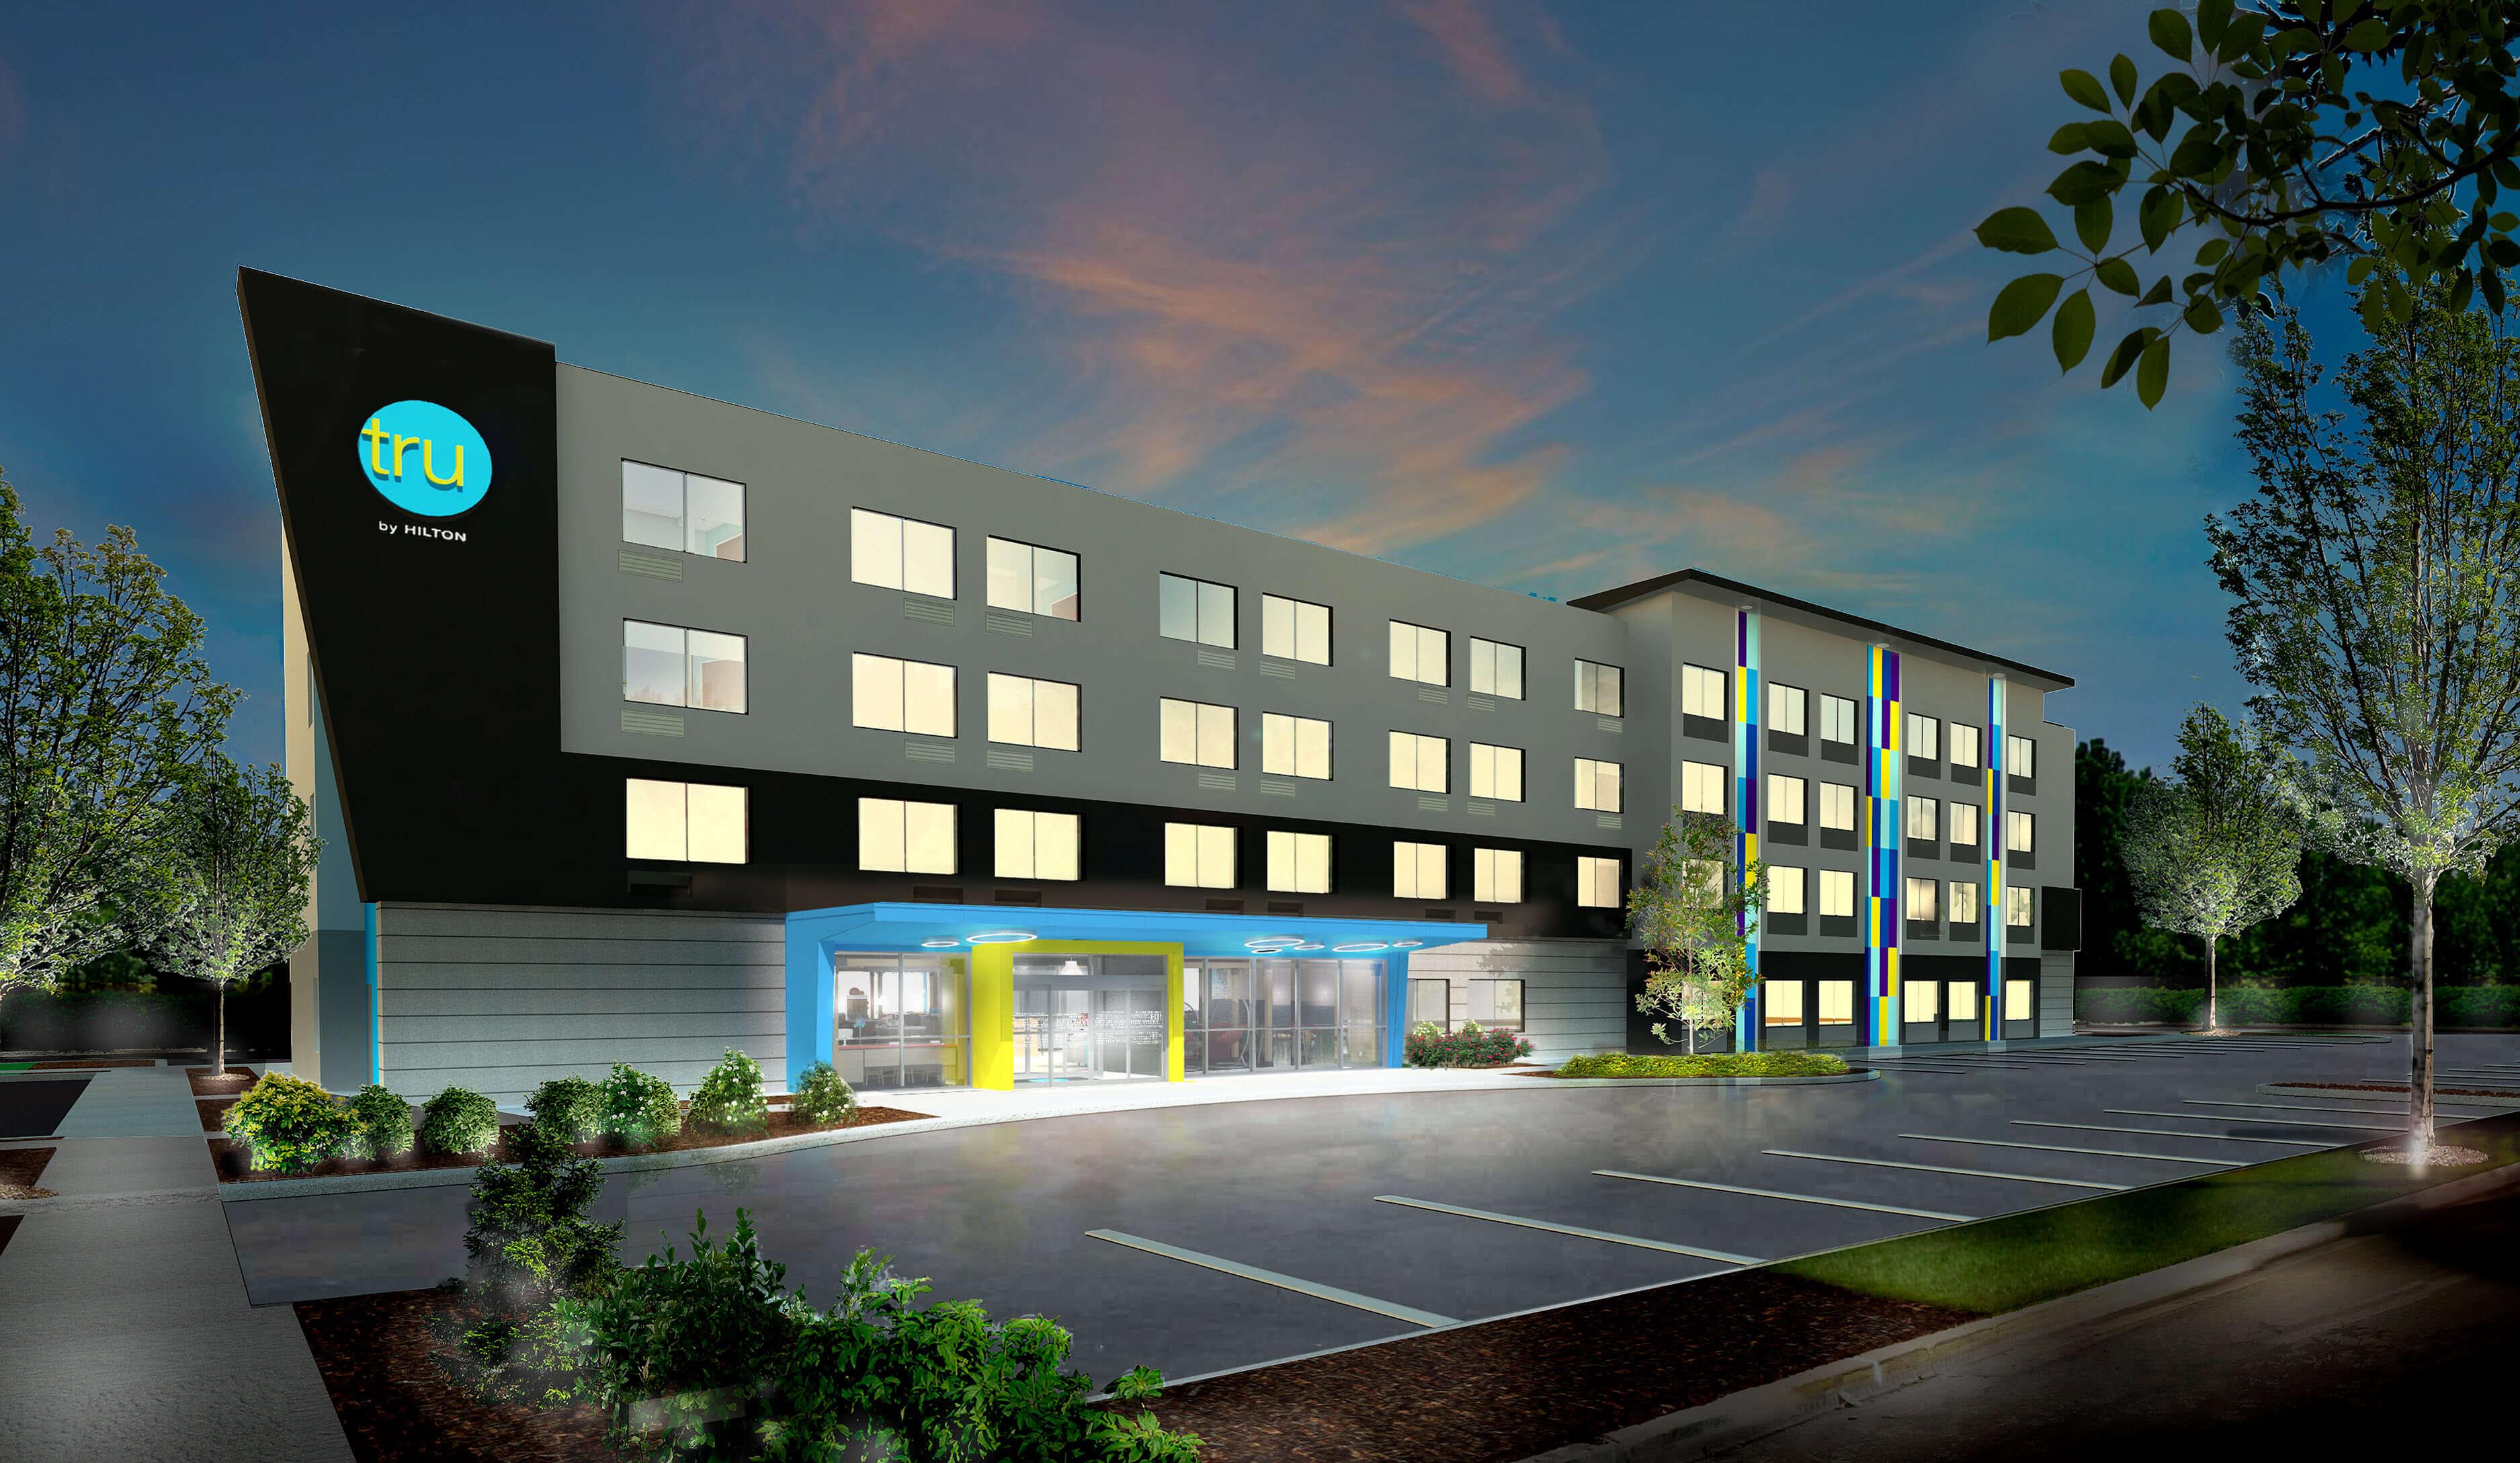 Tru by Hilton Lubbock Southwest